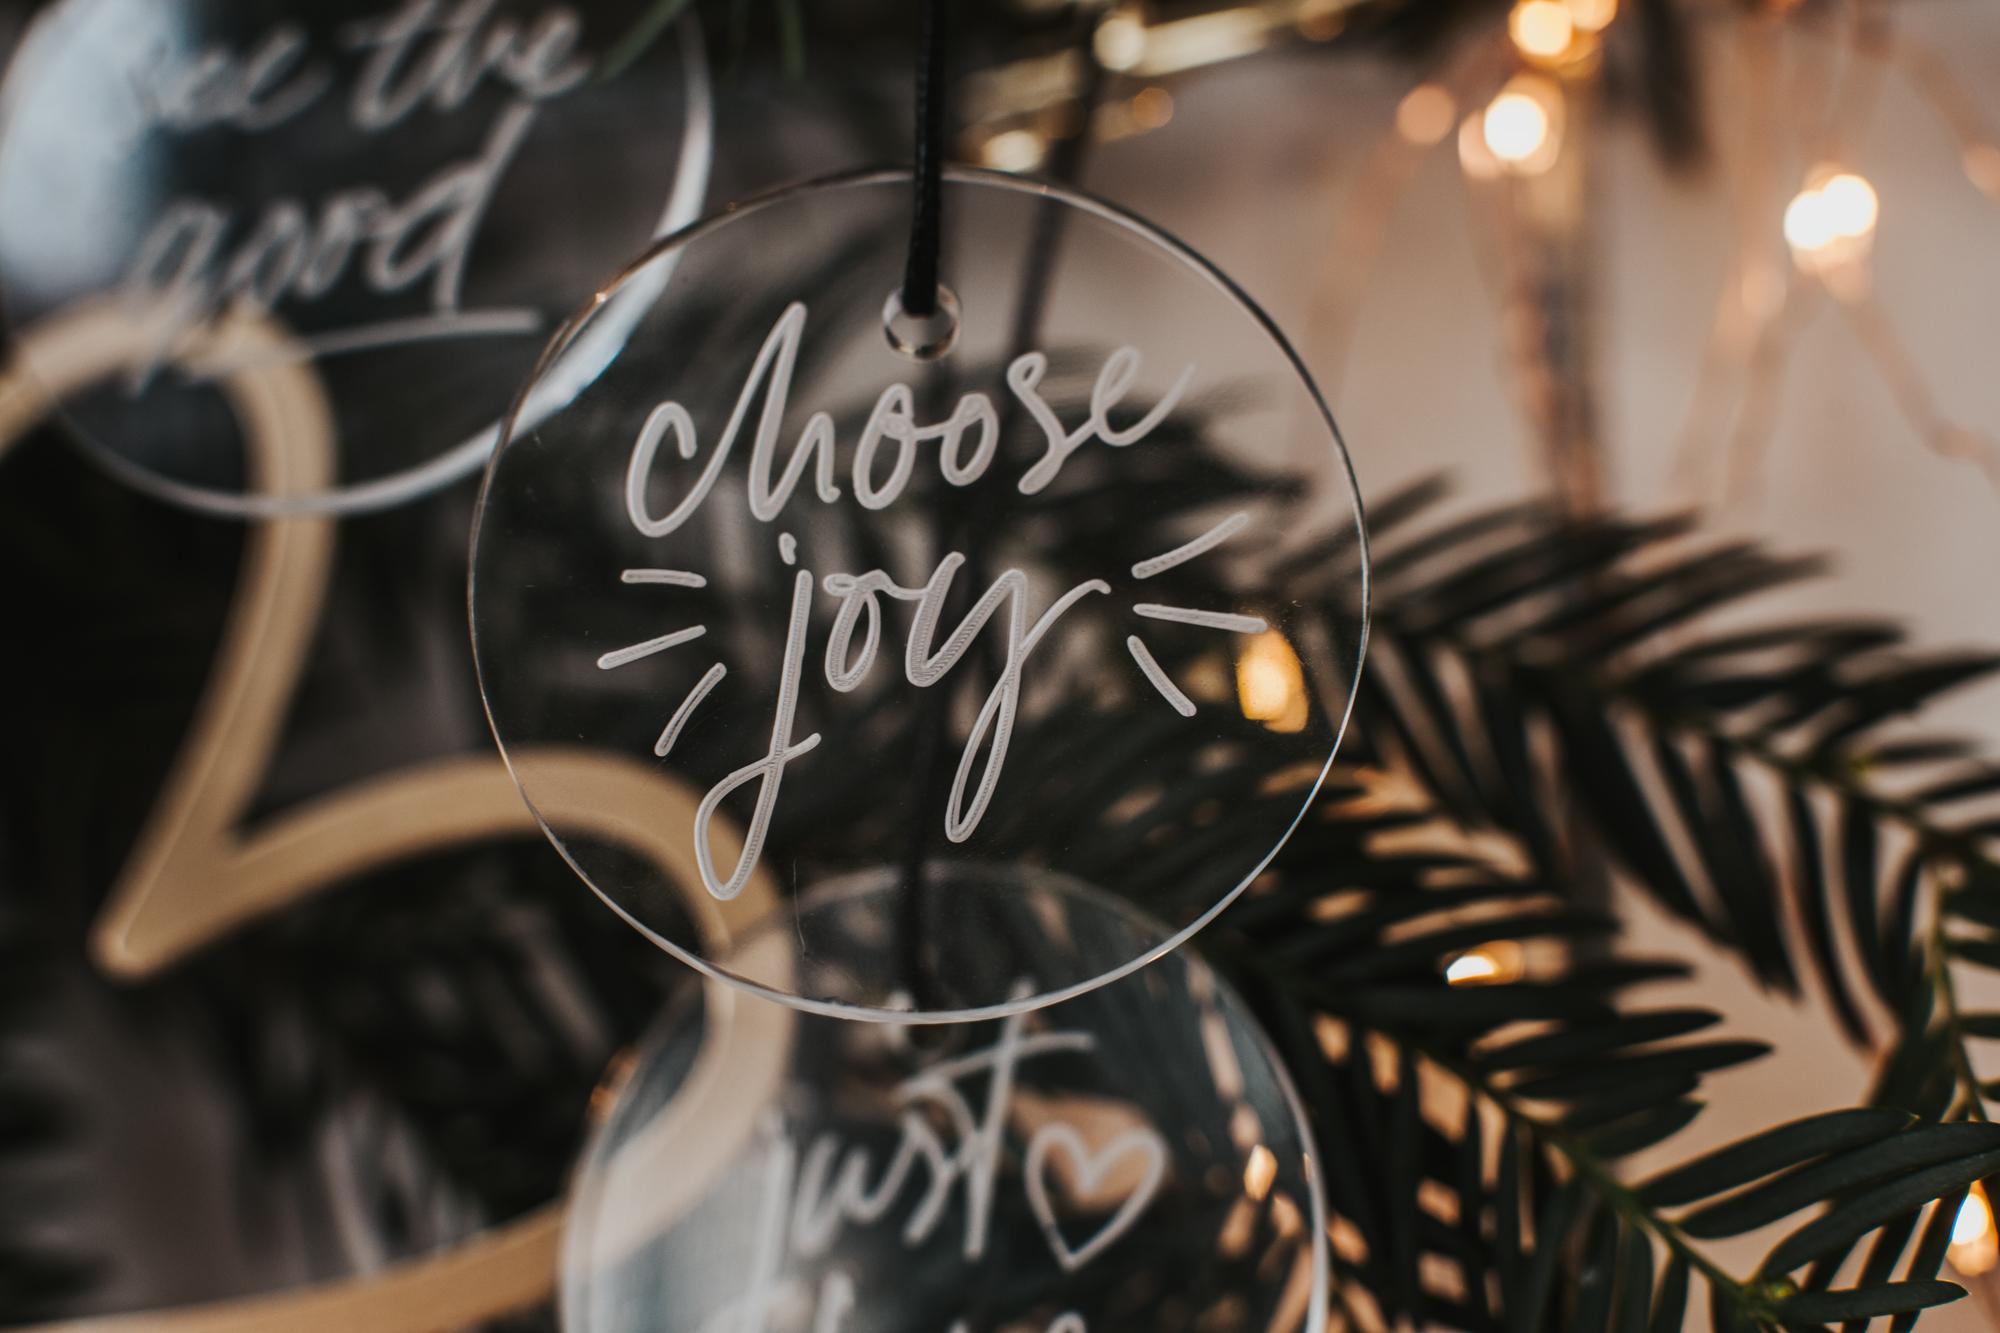 JO_and_JUDY_Christmas_Ornaments_DIY_08ysyYhzBsCuE6N